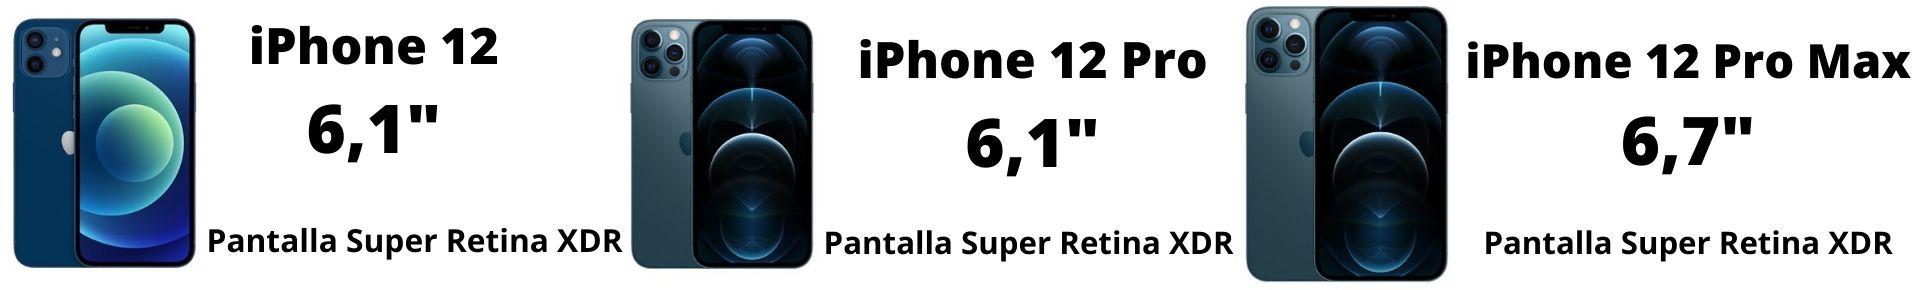 Diferencias entre las pantallas iPhone 12-12 Pro-12 Pro Max